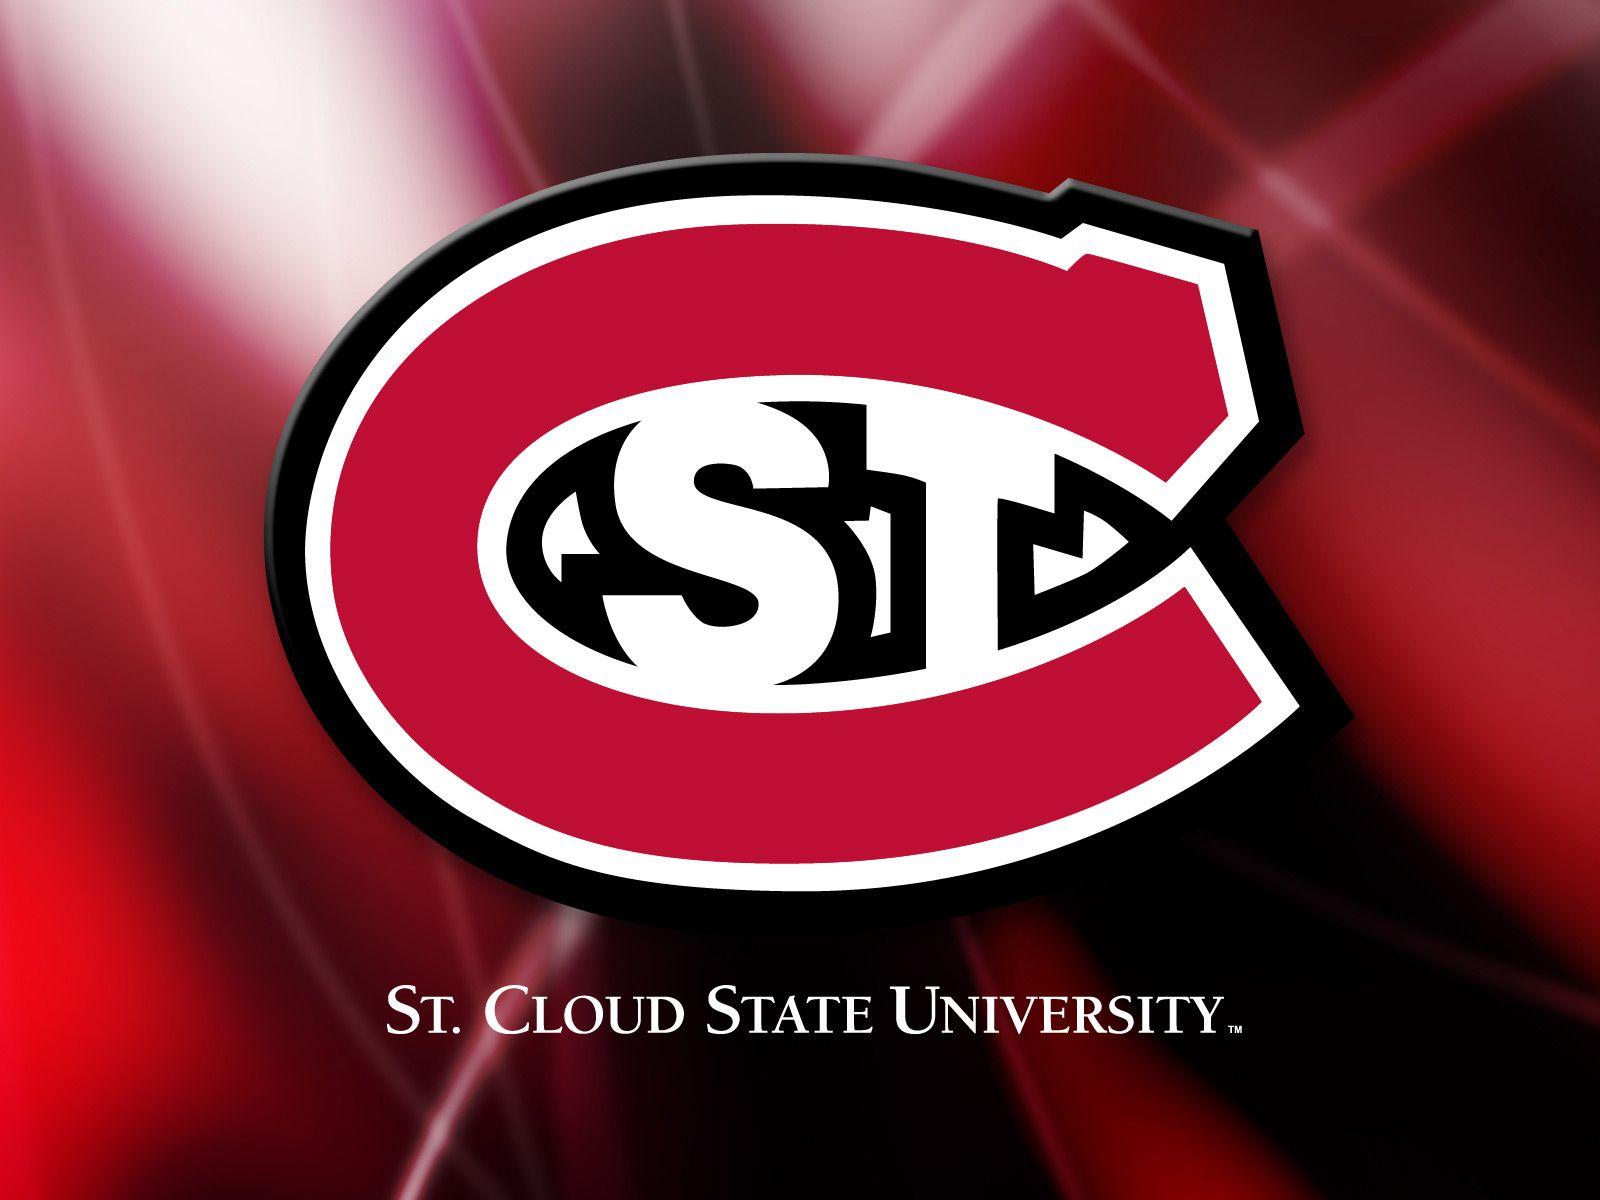 St Cloud State University State University University Dorms University